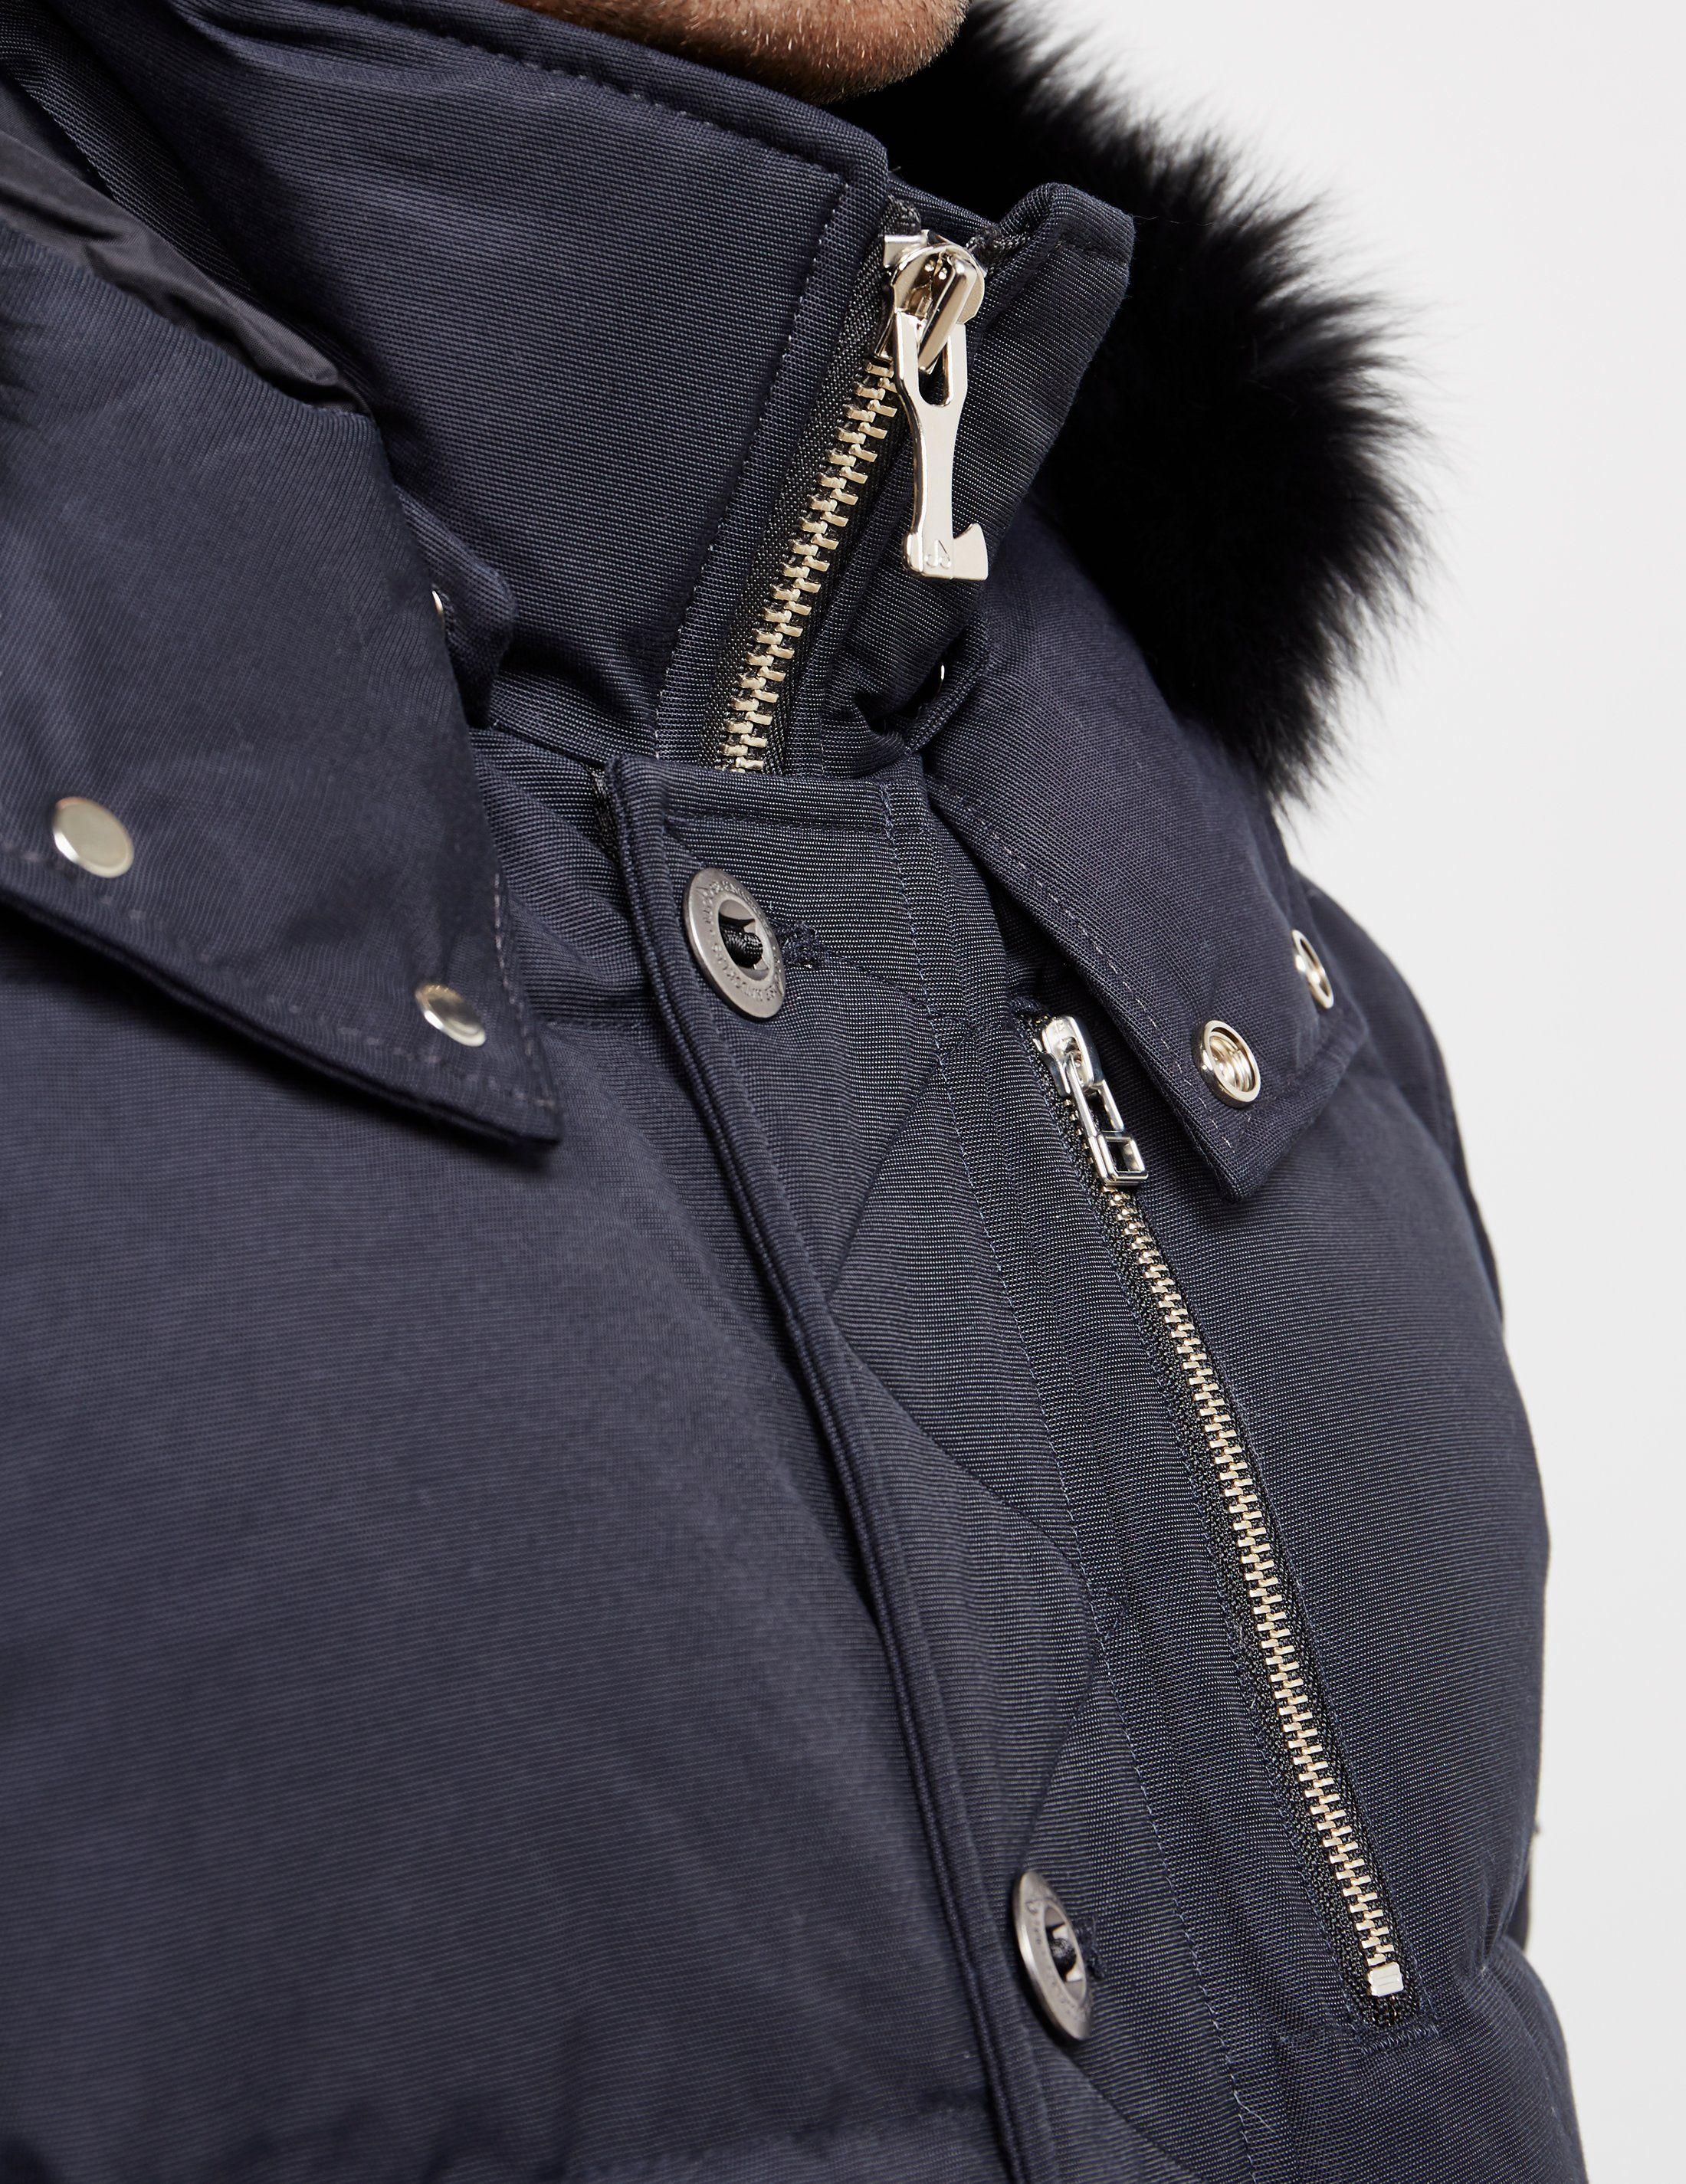 Moose Knuckles 3Q Parka Jacket